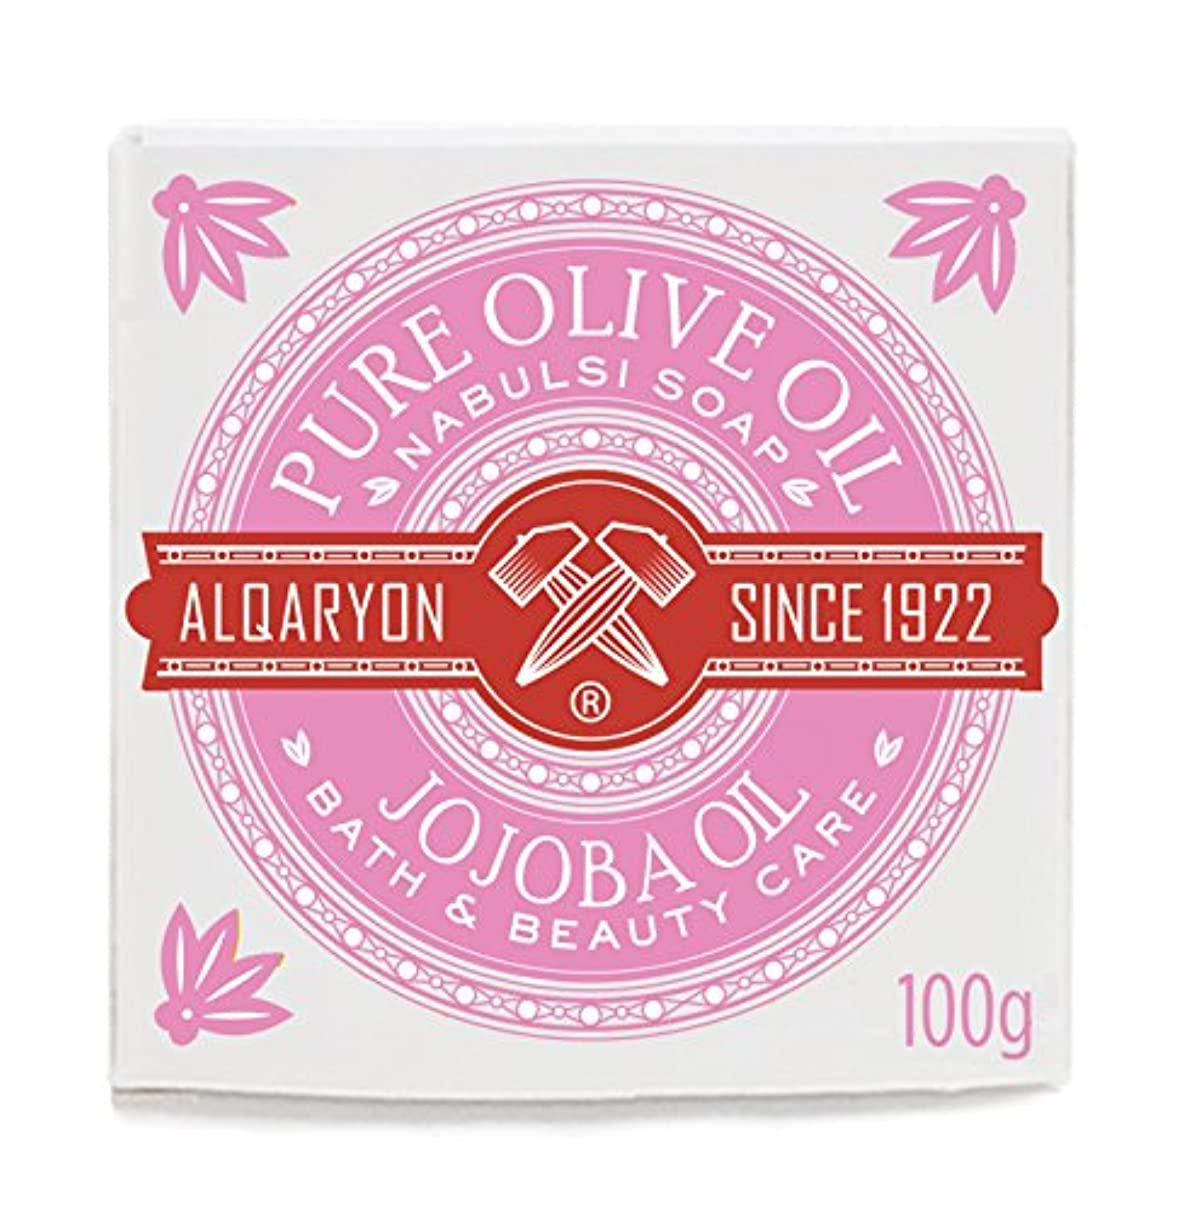 Alqaryon Jojoba Oil & Olive Oil Bar Soaps, Pack of 4 Bars 100g - Alqaryonのホホバ オイルとオリーブオイル ソープ、バス & ビューティー ケア、100g...